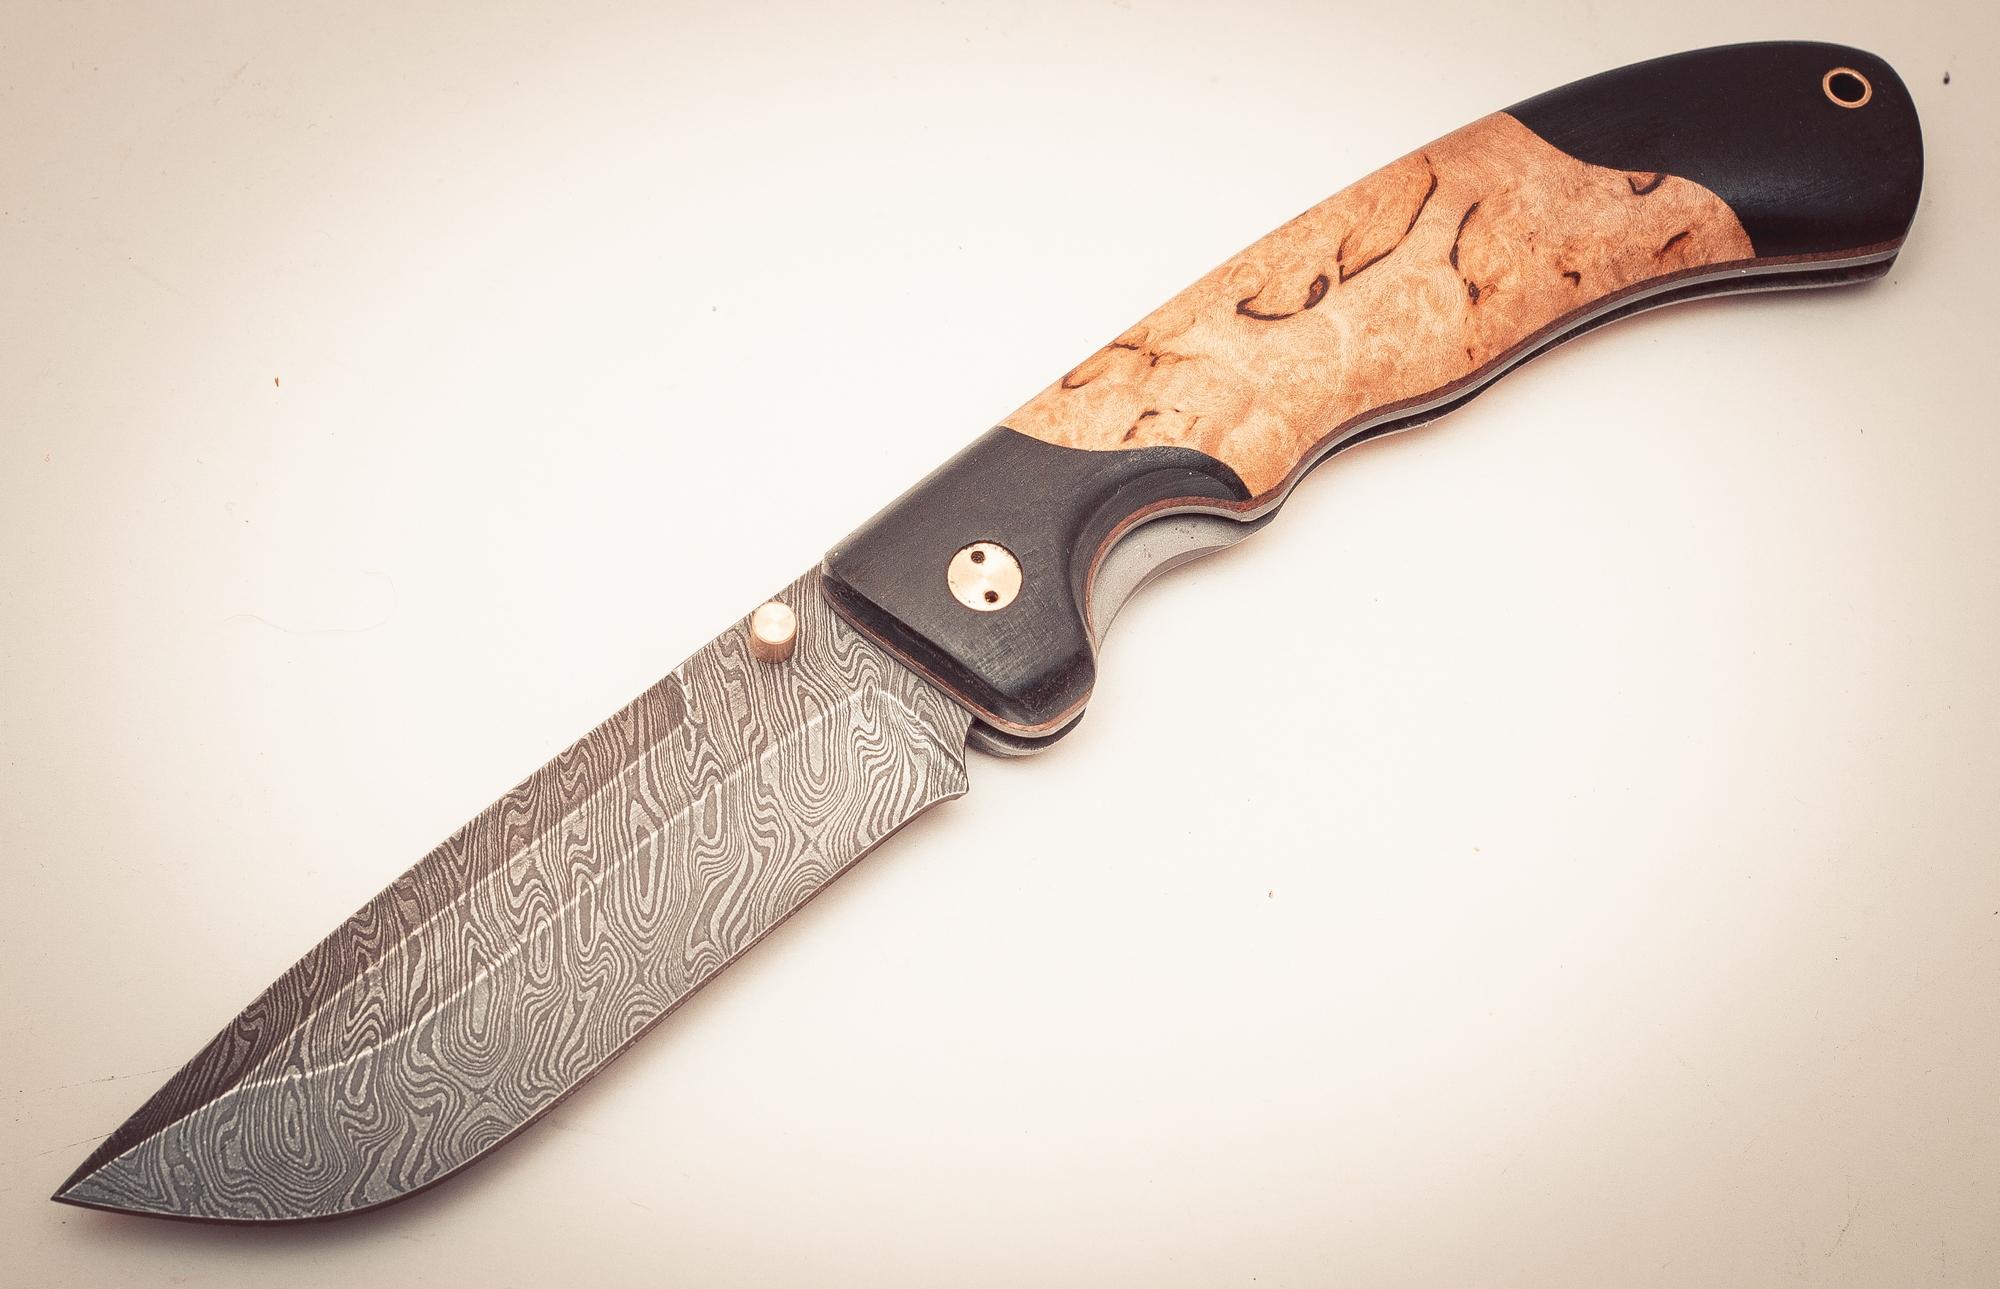 Фото 6 - Складной нож Половец, дамаск,  карельская береза от Марычев